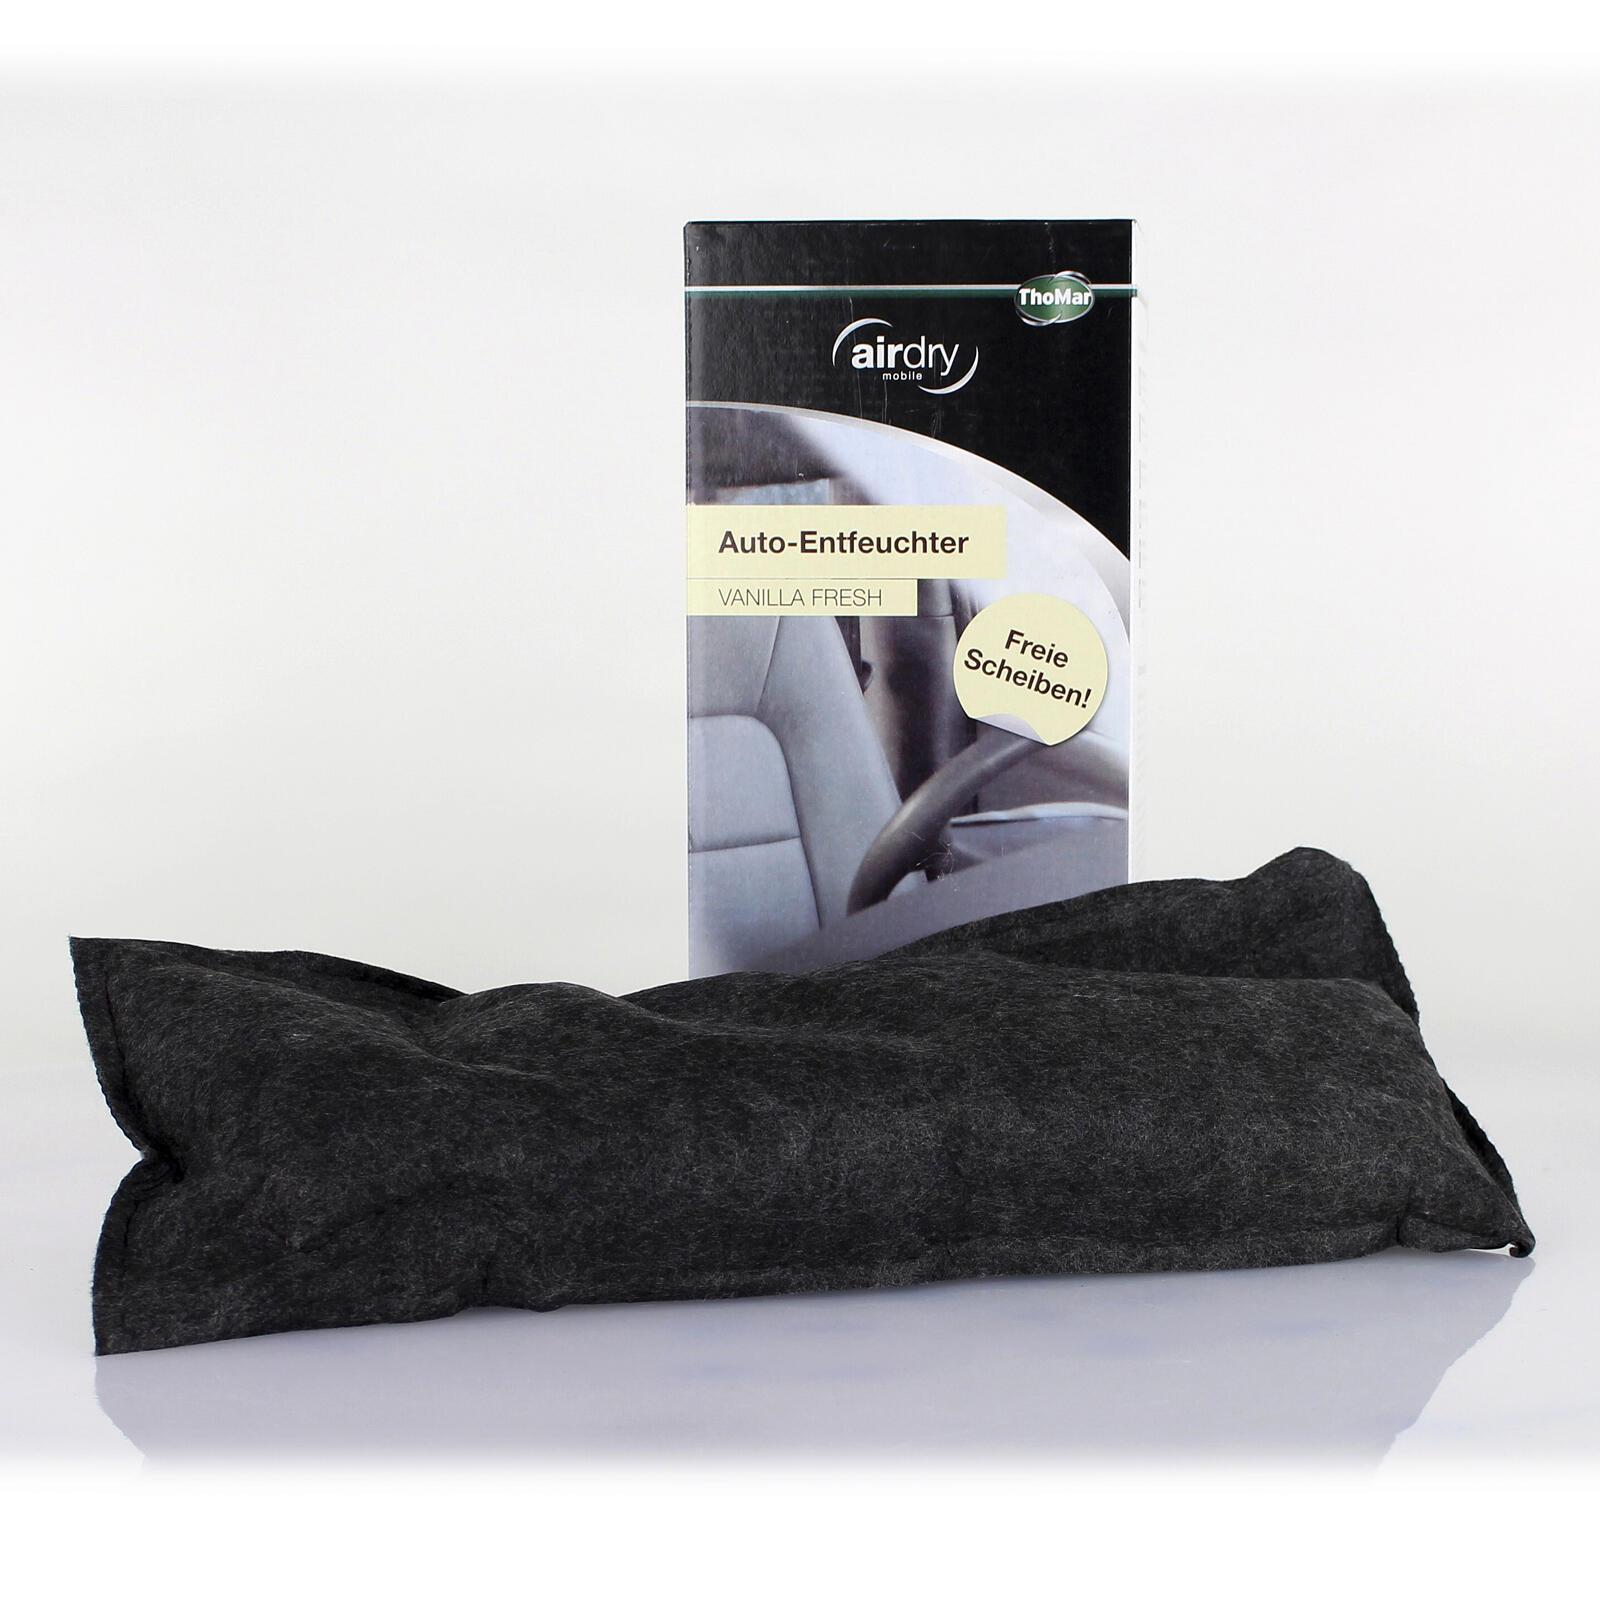 ThoMar AirDry Entfeuchter Luftentfeuchter Antibeschlag // 1 kg - Duft Vanille